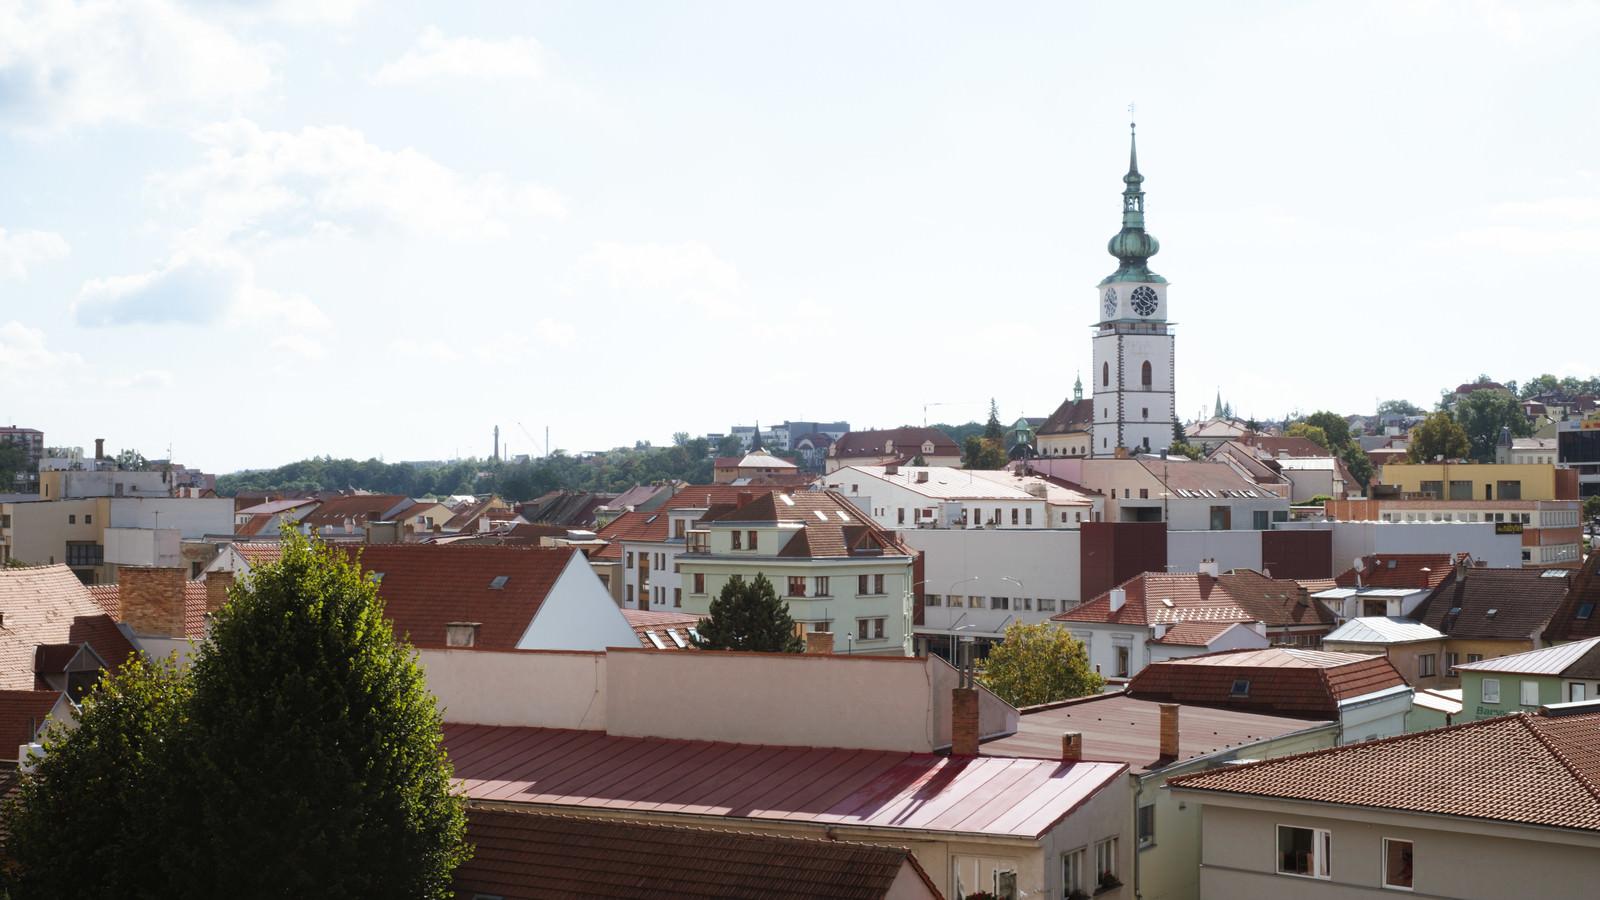 「赤茶色に統一されたトルシェビーチの屋根(チェコ共和国)」の写真